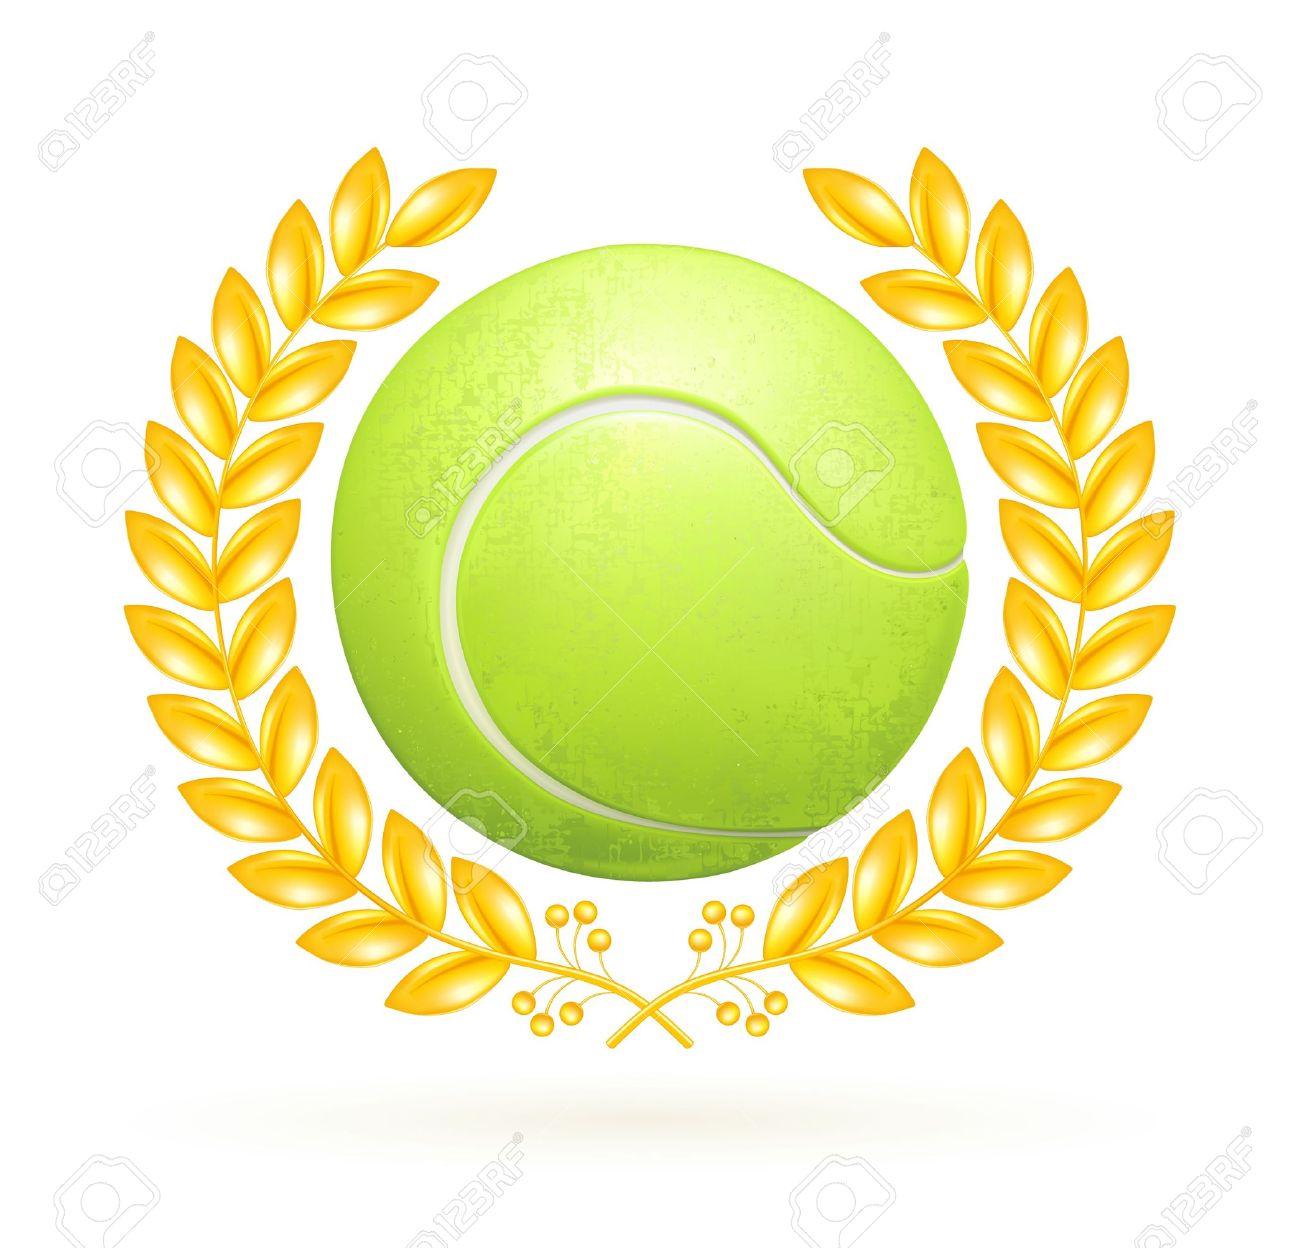 13696238-Tennis-emblem-Stock-Vector-tennis-ball-trophy.jpg